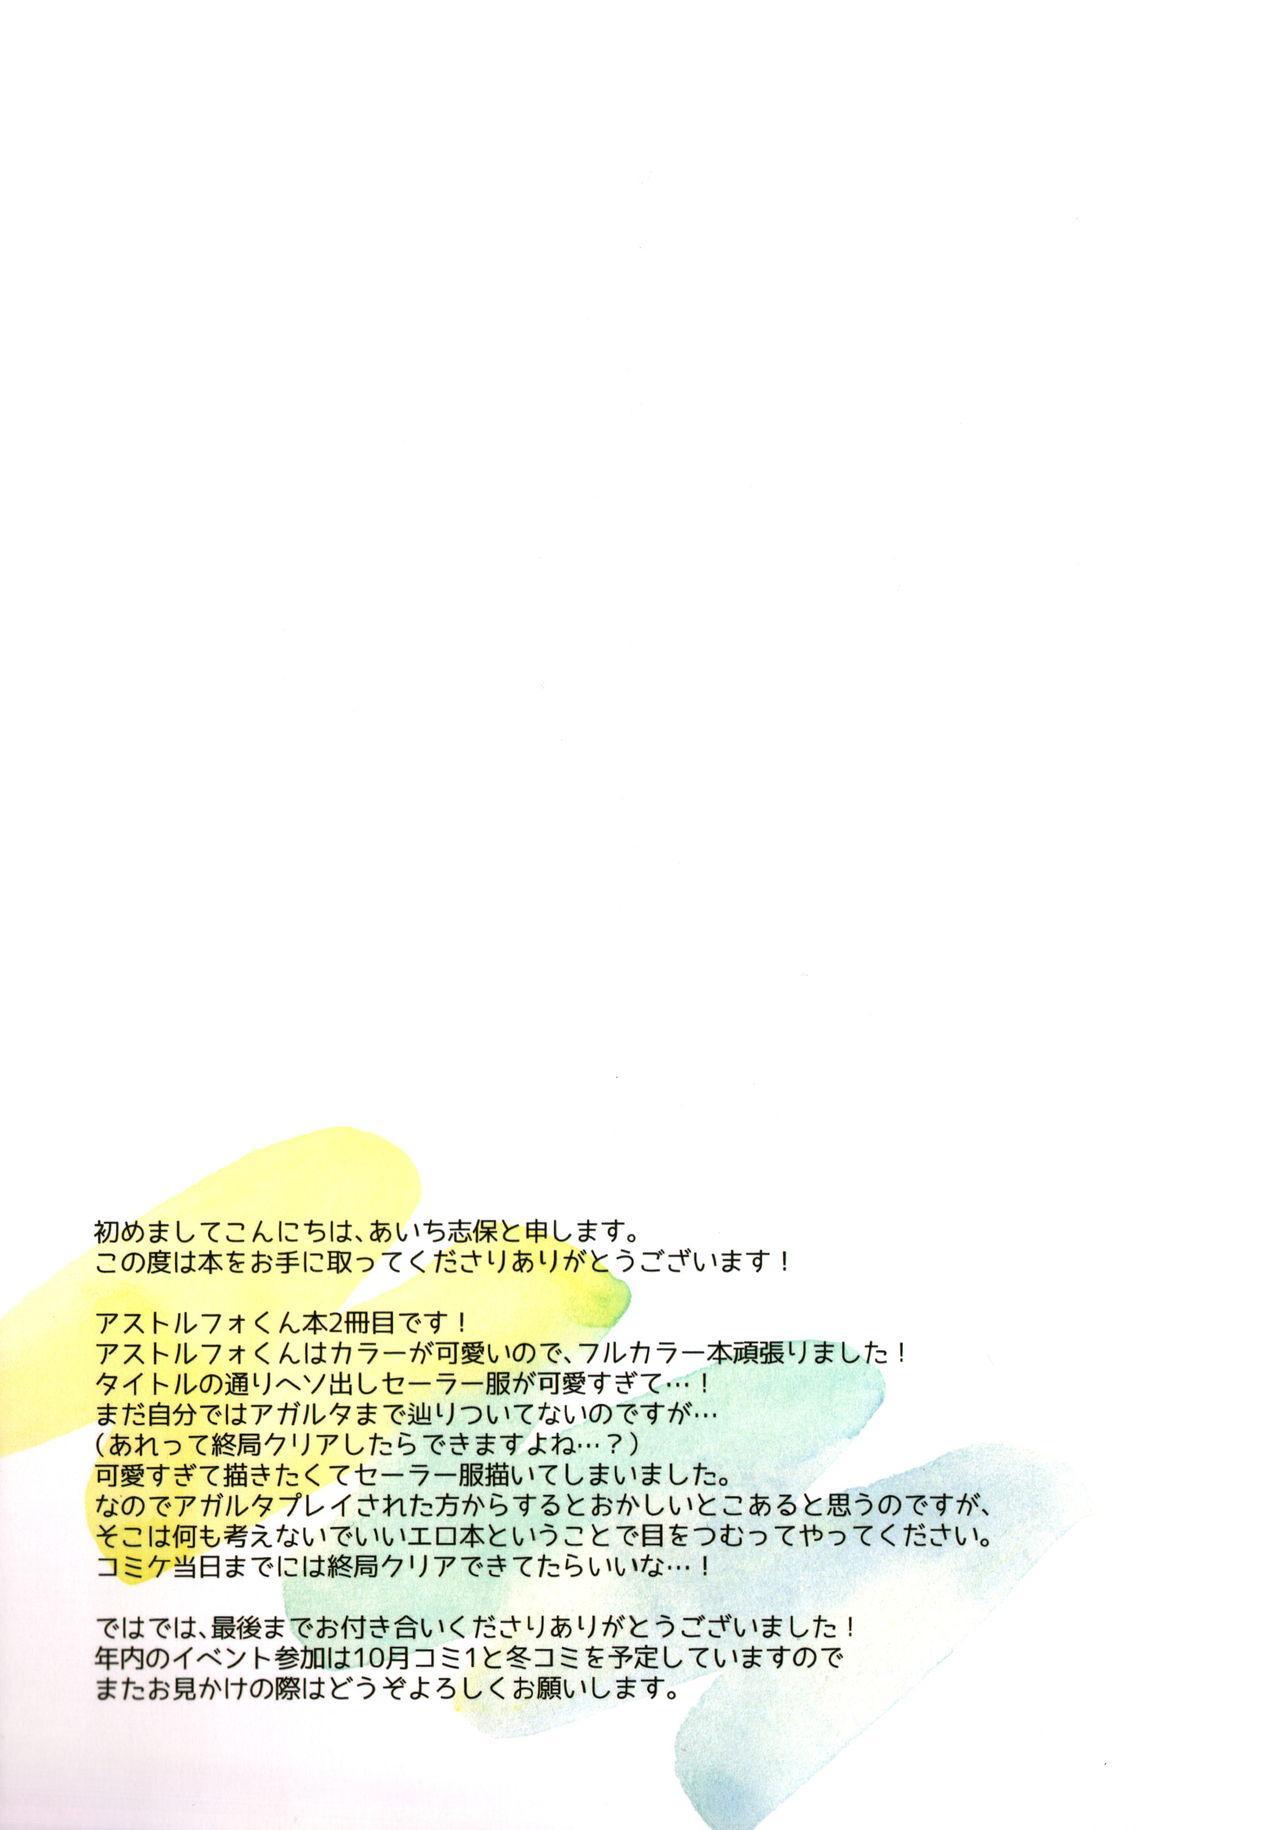 Astolfo-kun no Hesodashi Sailor ga Kawaisugita node 12